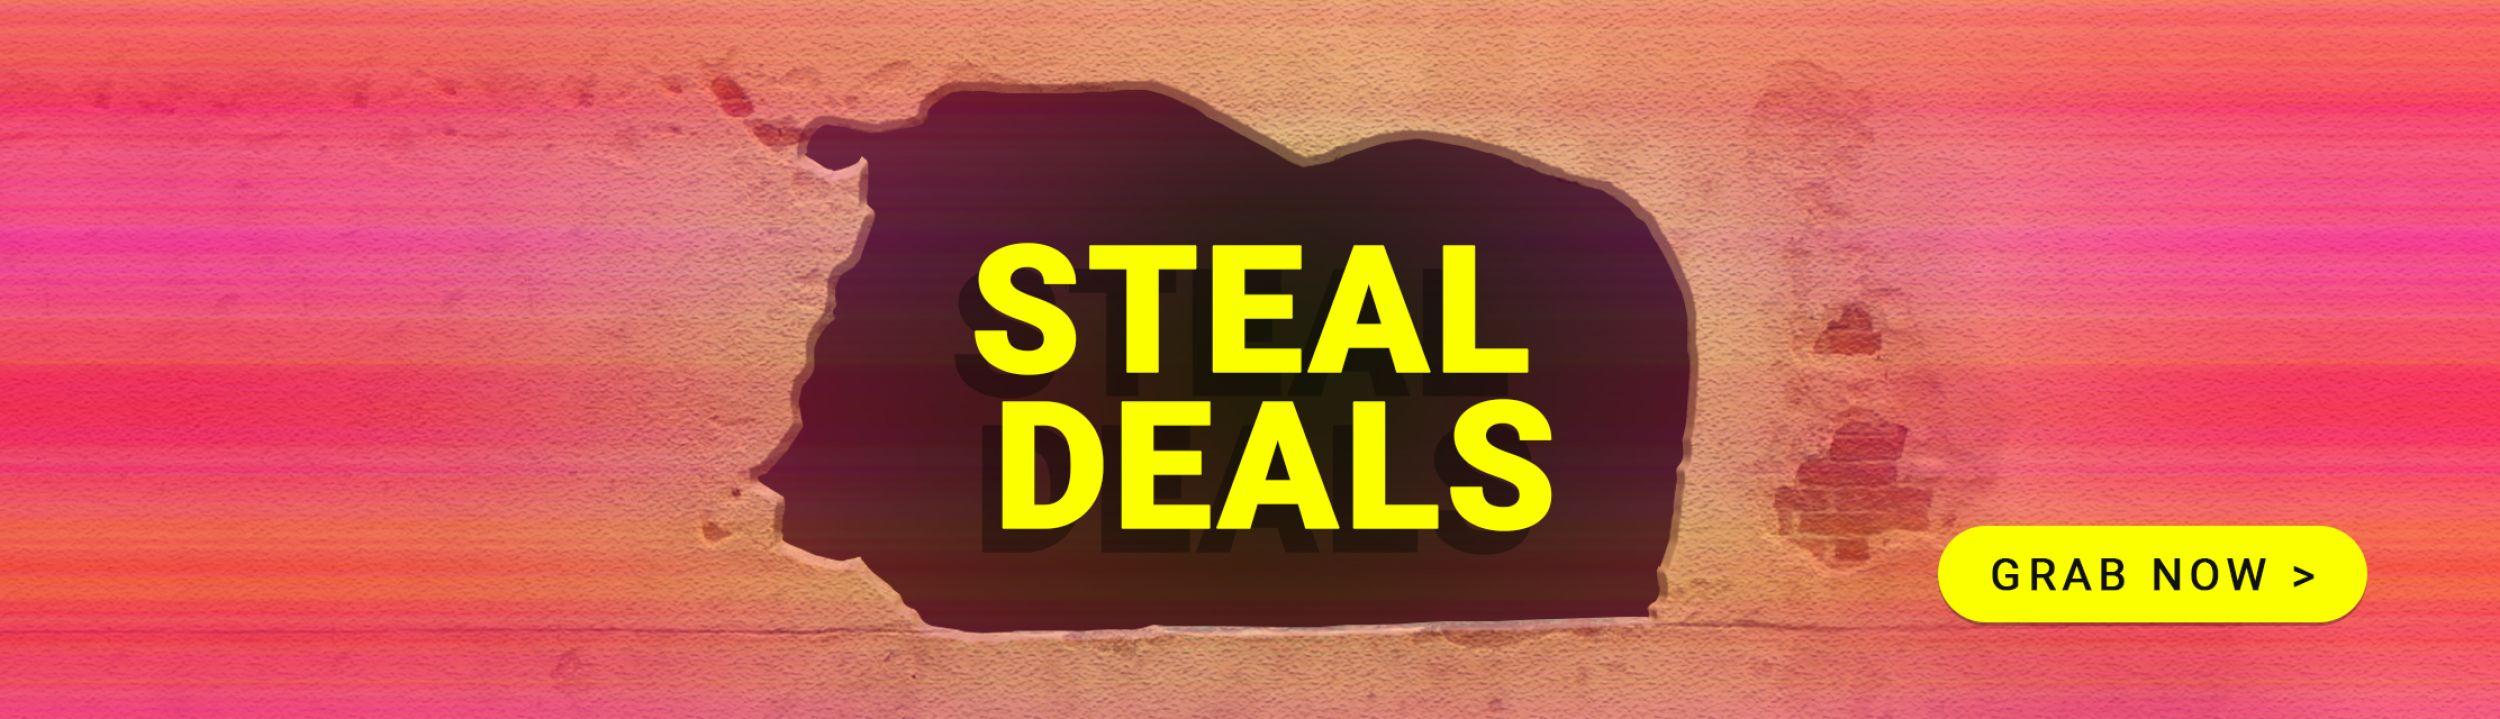 Steal deals Banner MBS